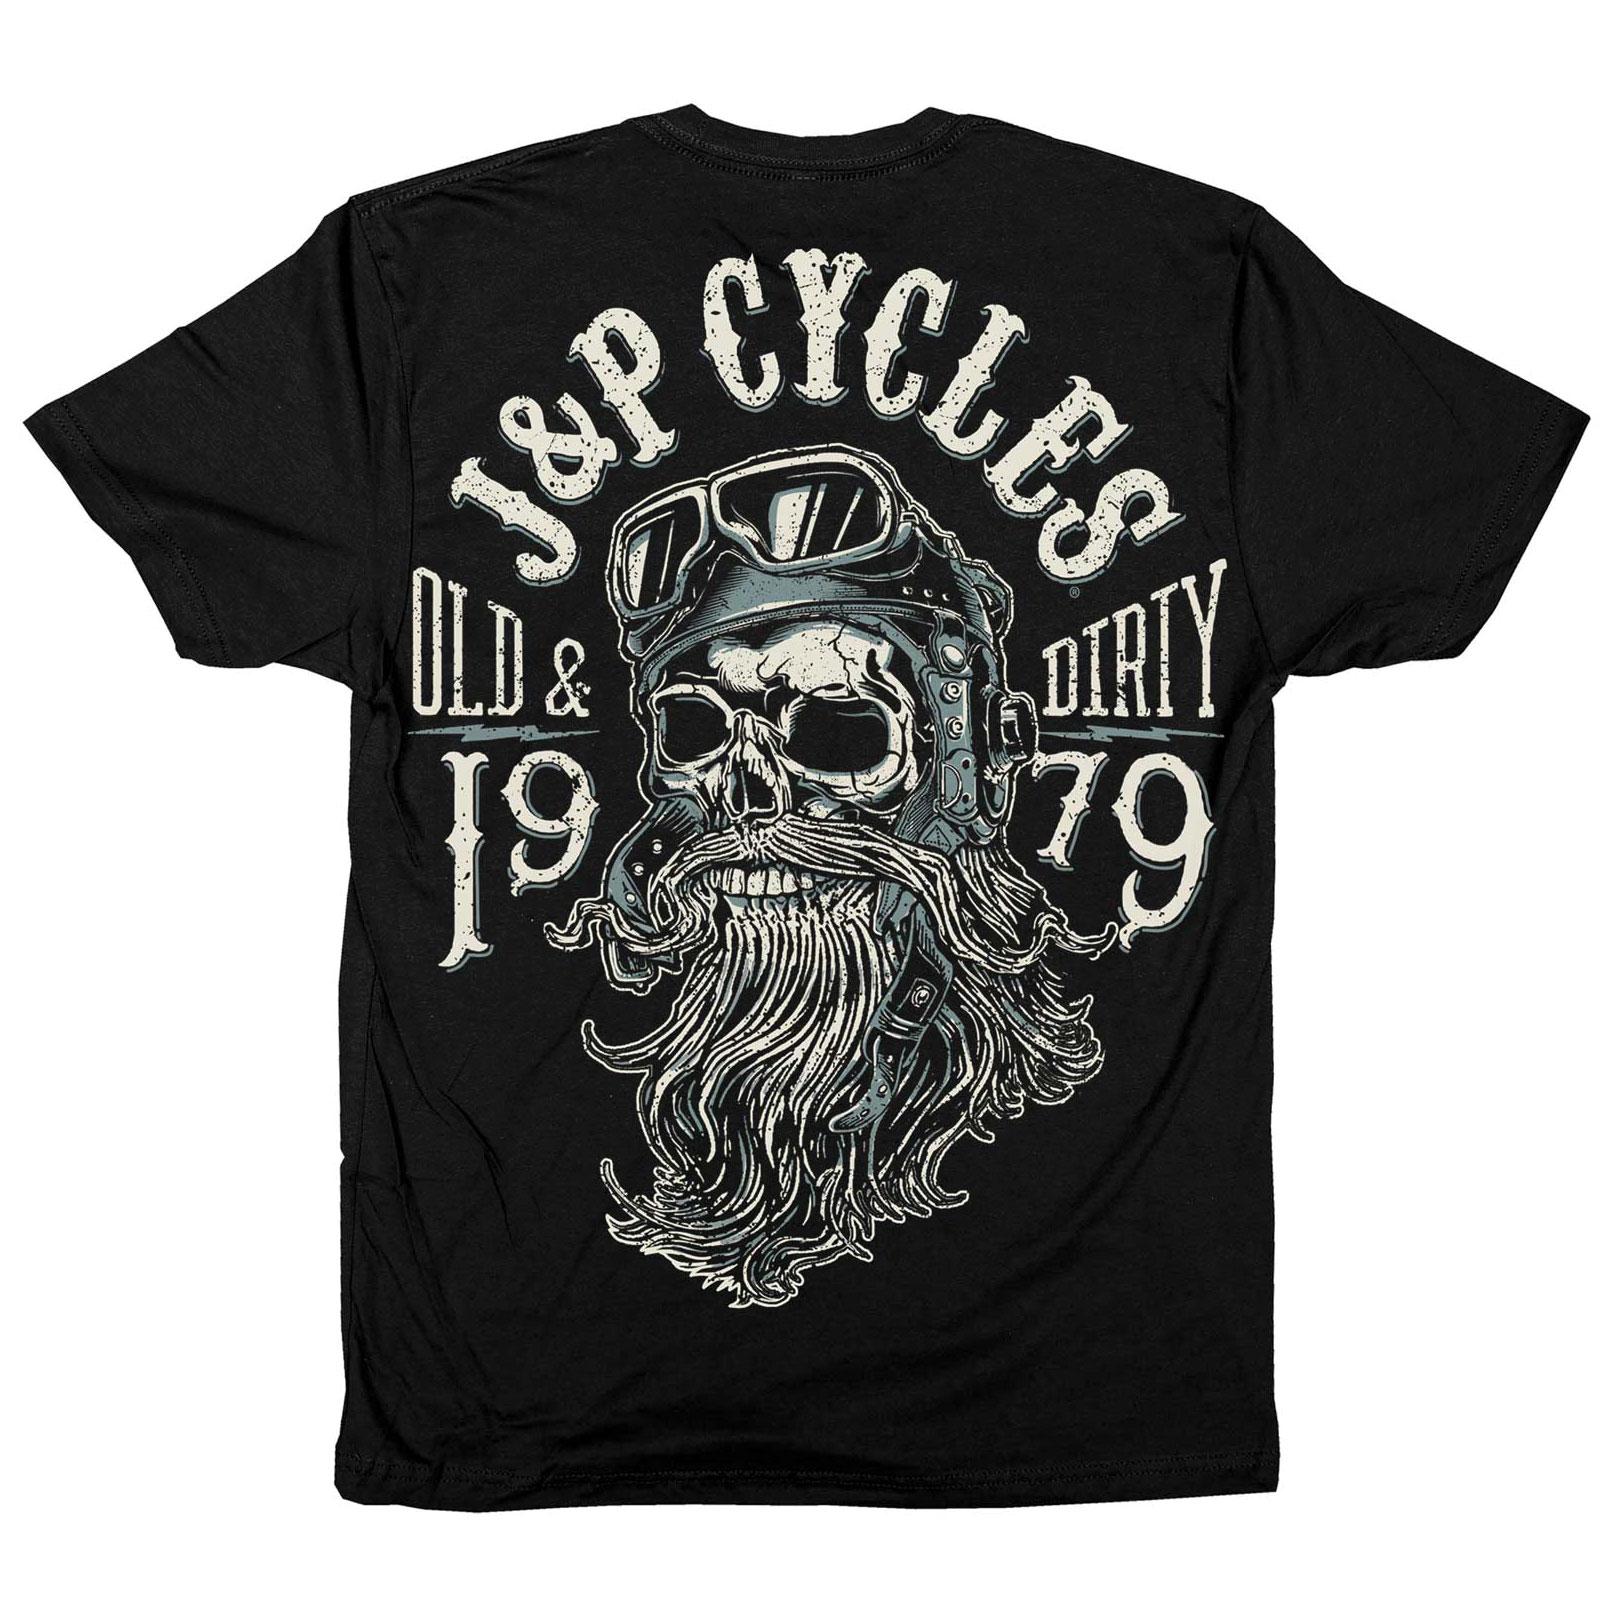 J&P Cycles Men's Old & Dirty Black T-Shirt